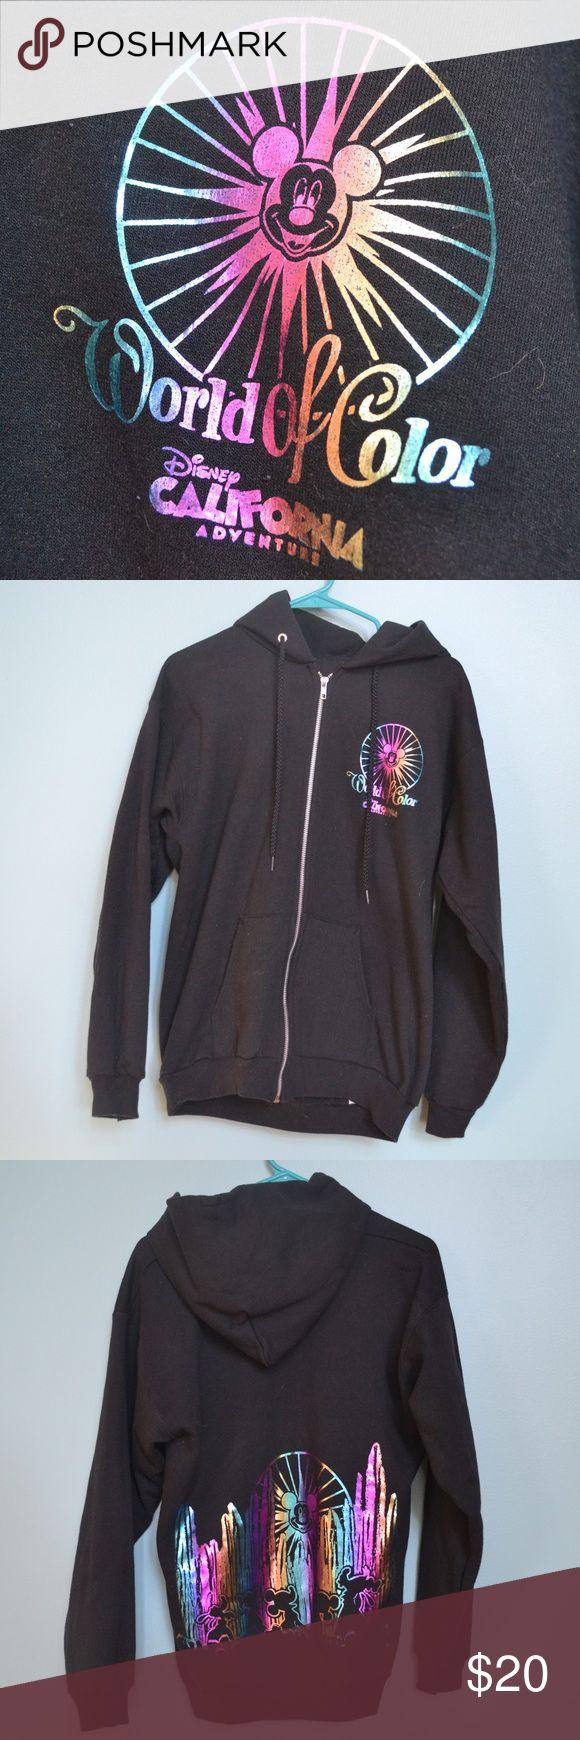 Black World of Color Zip-up Sweatshirt Black zip-up hoodie with metallic multicolor images of World of Color from Disney California Adventure Disney Tops Sweatshirts & Hoodies